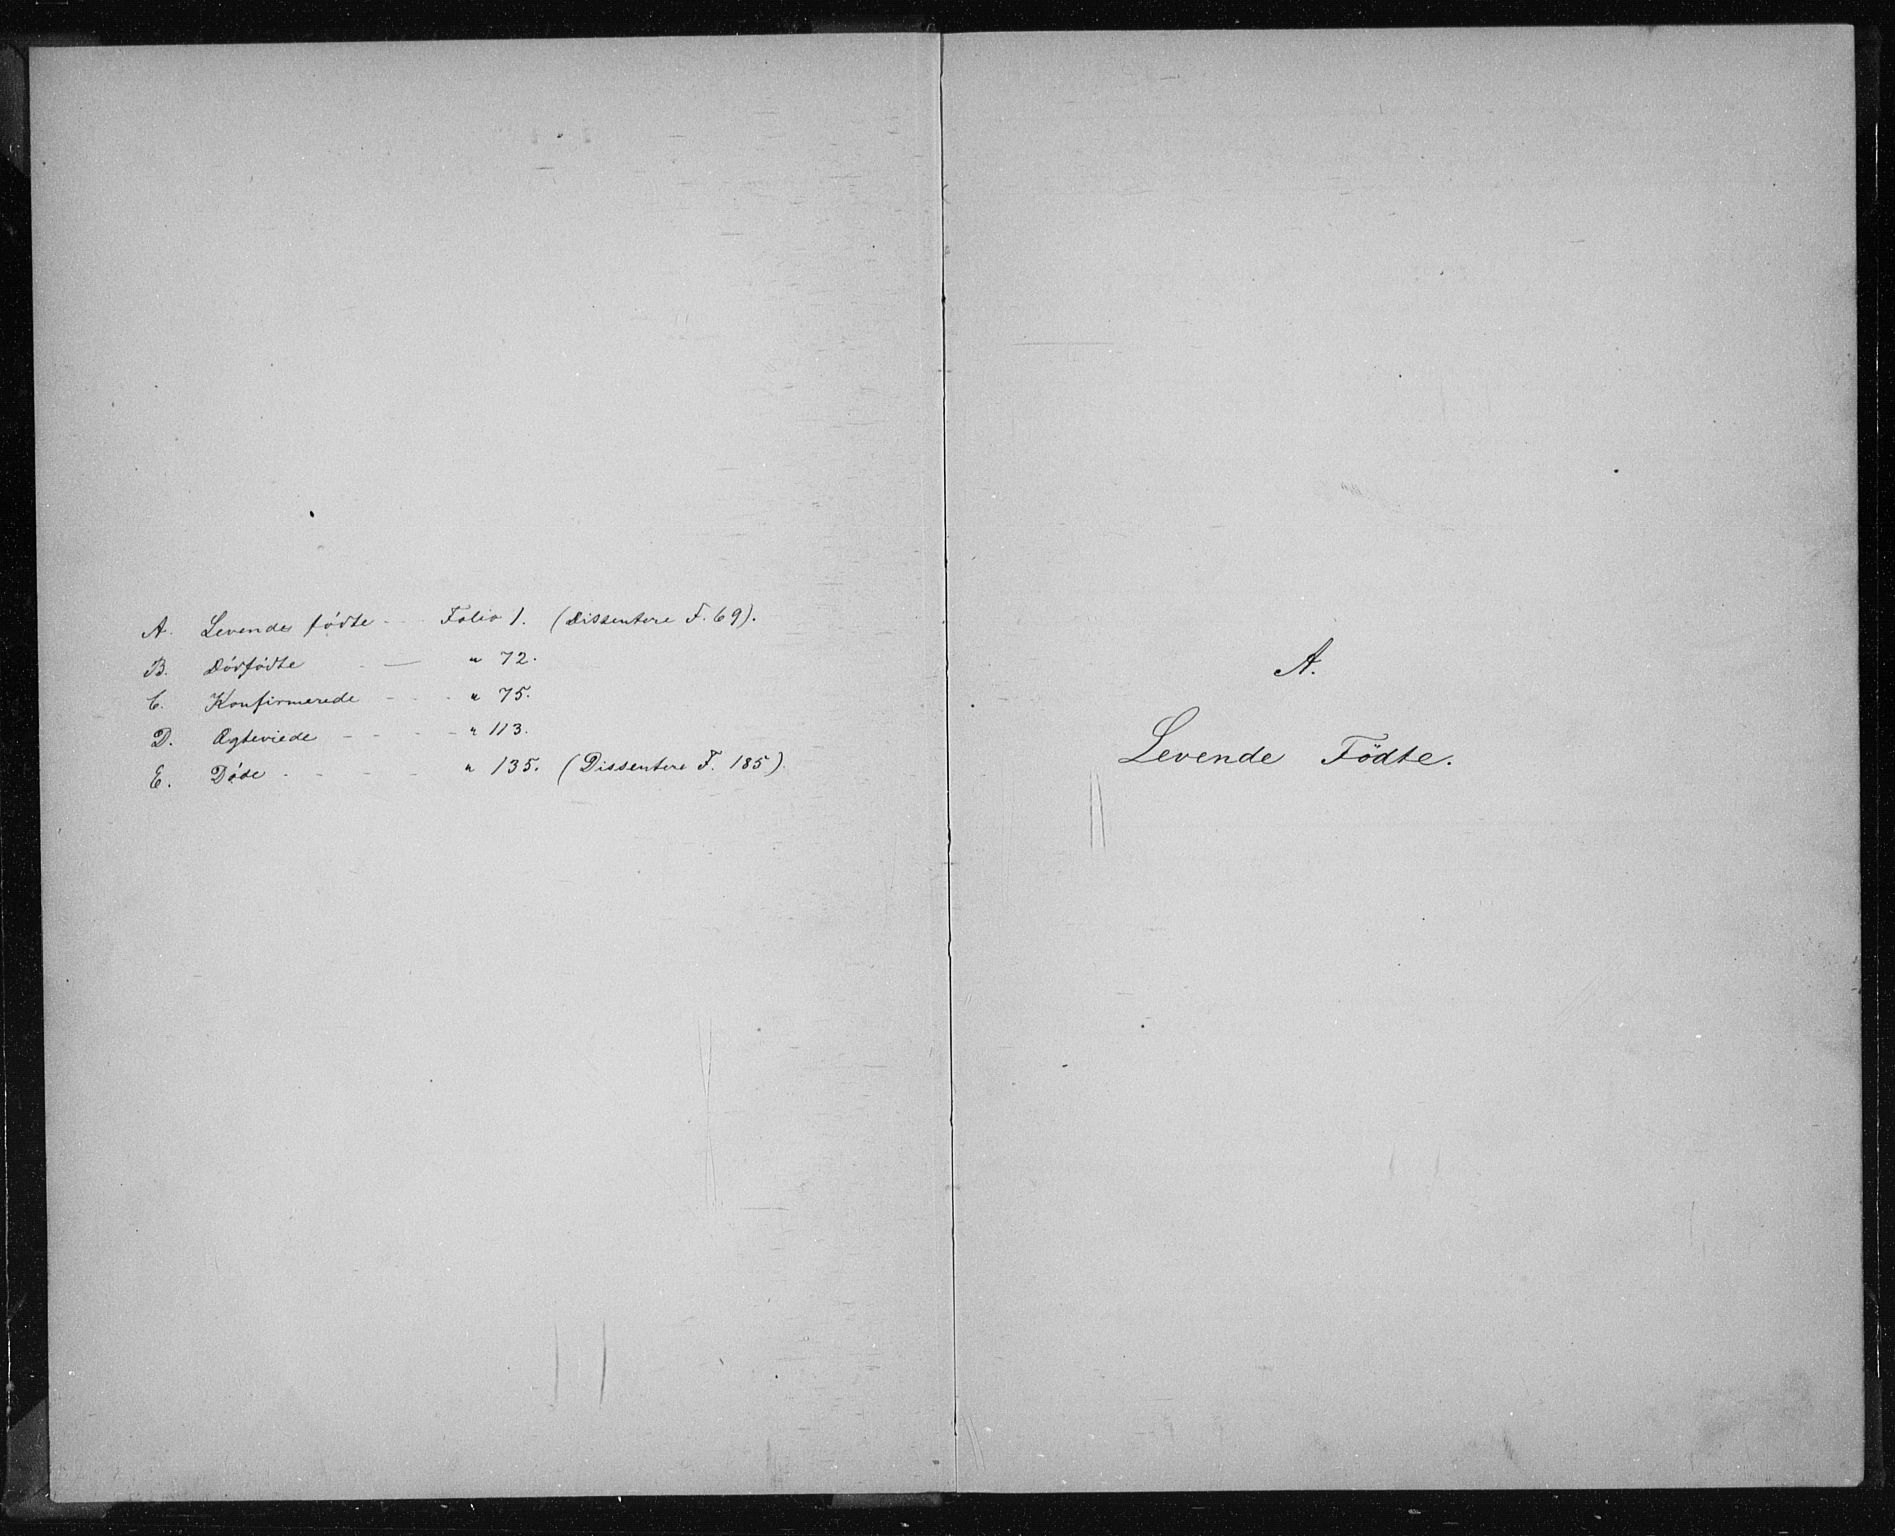 SAKO, Solum kirkebøker, G/Ga/L0006: Klokkerbok nr. I 6, 1882-1883